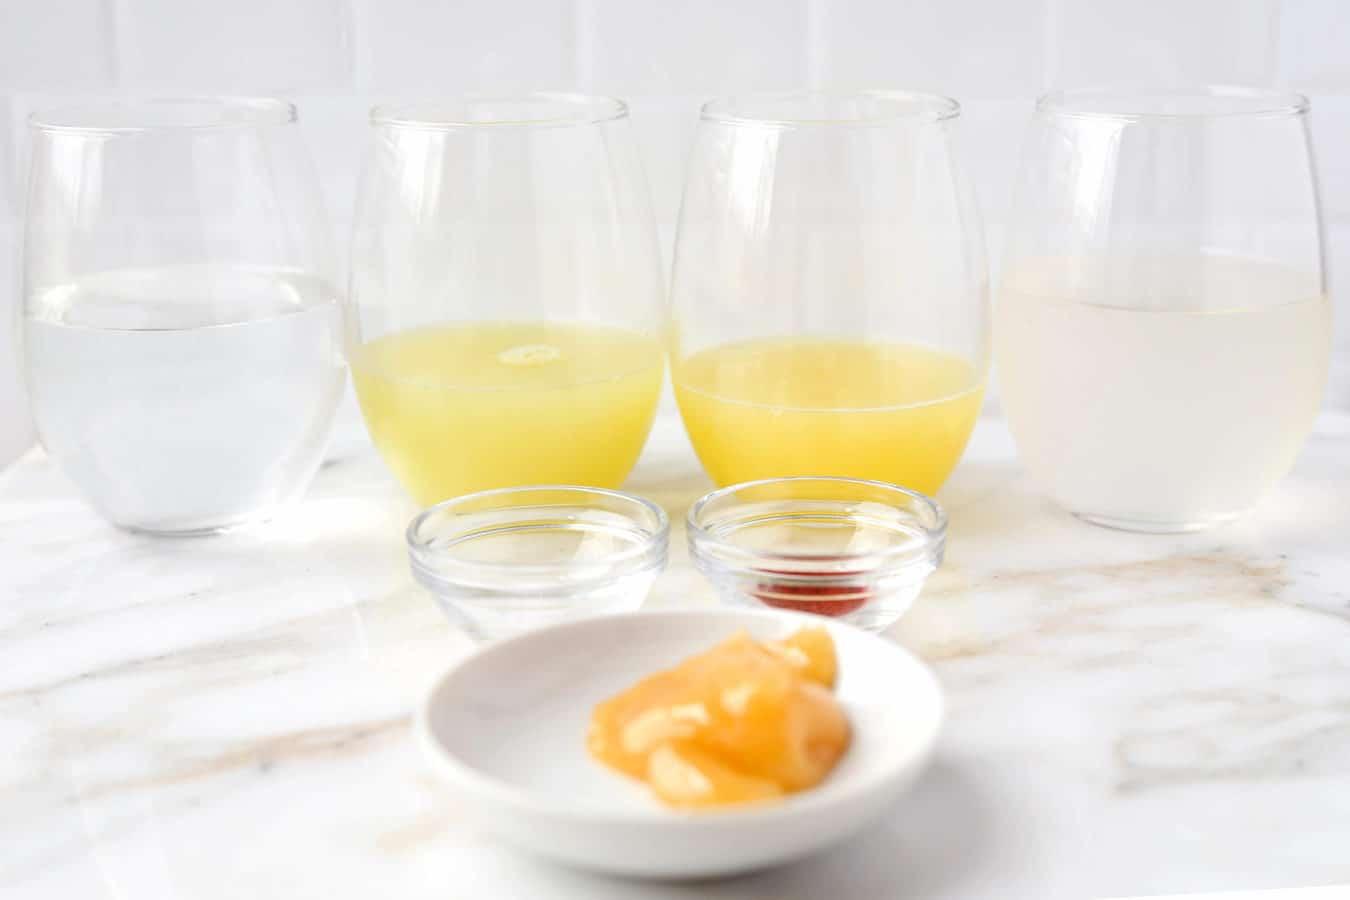 Tónico energético de limón y lima: ¡este tónico energético de limón y lima es el complemento perfecto para media tarde para un chapuzón después del almuerzo! Receta, bebidas, saludables, cítricos, tónicos | pickledplum.com